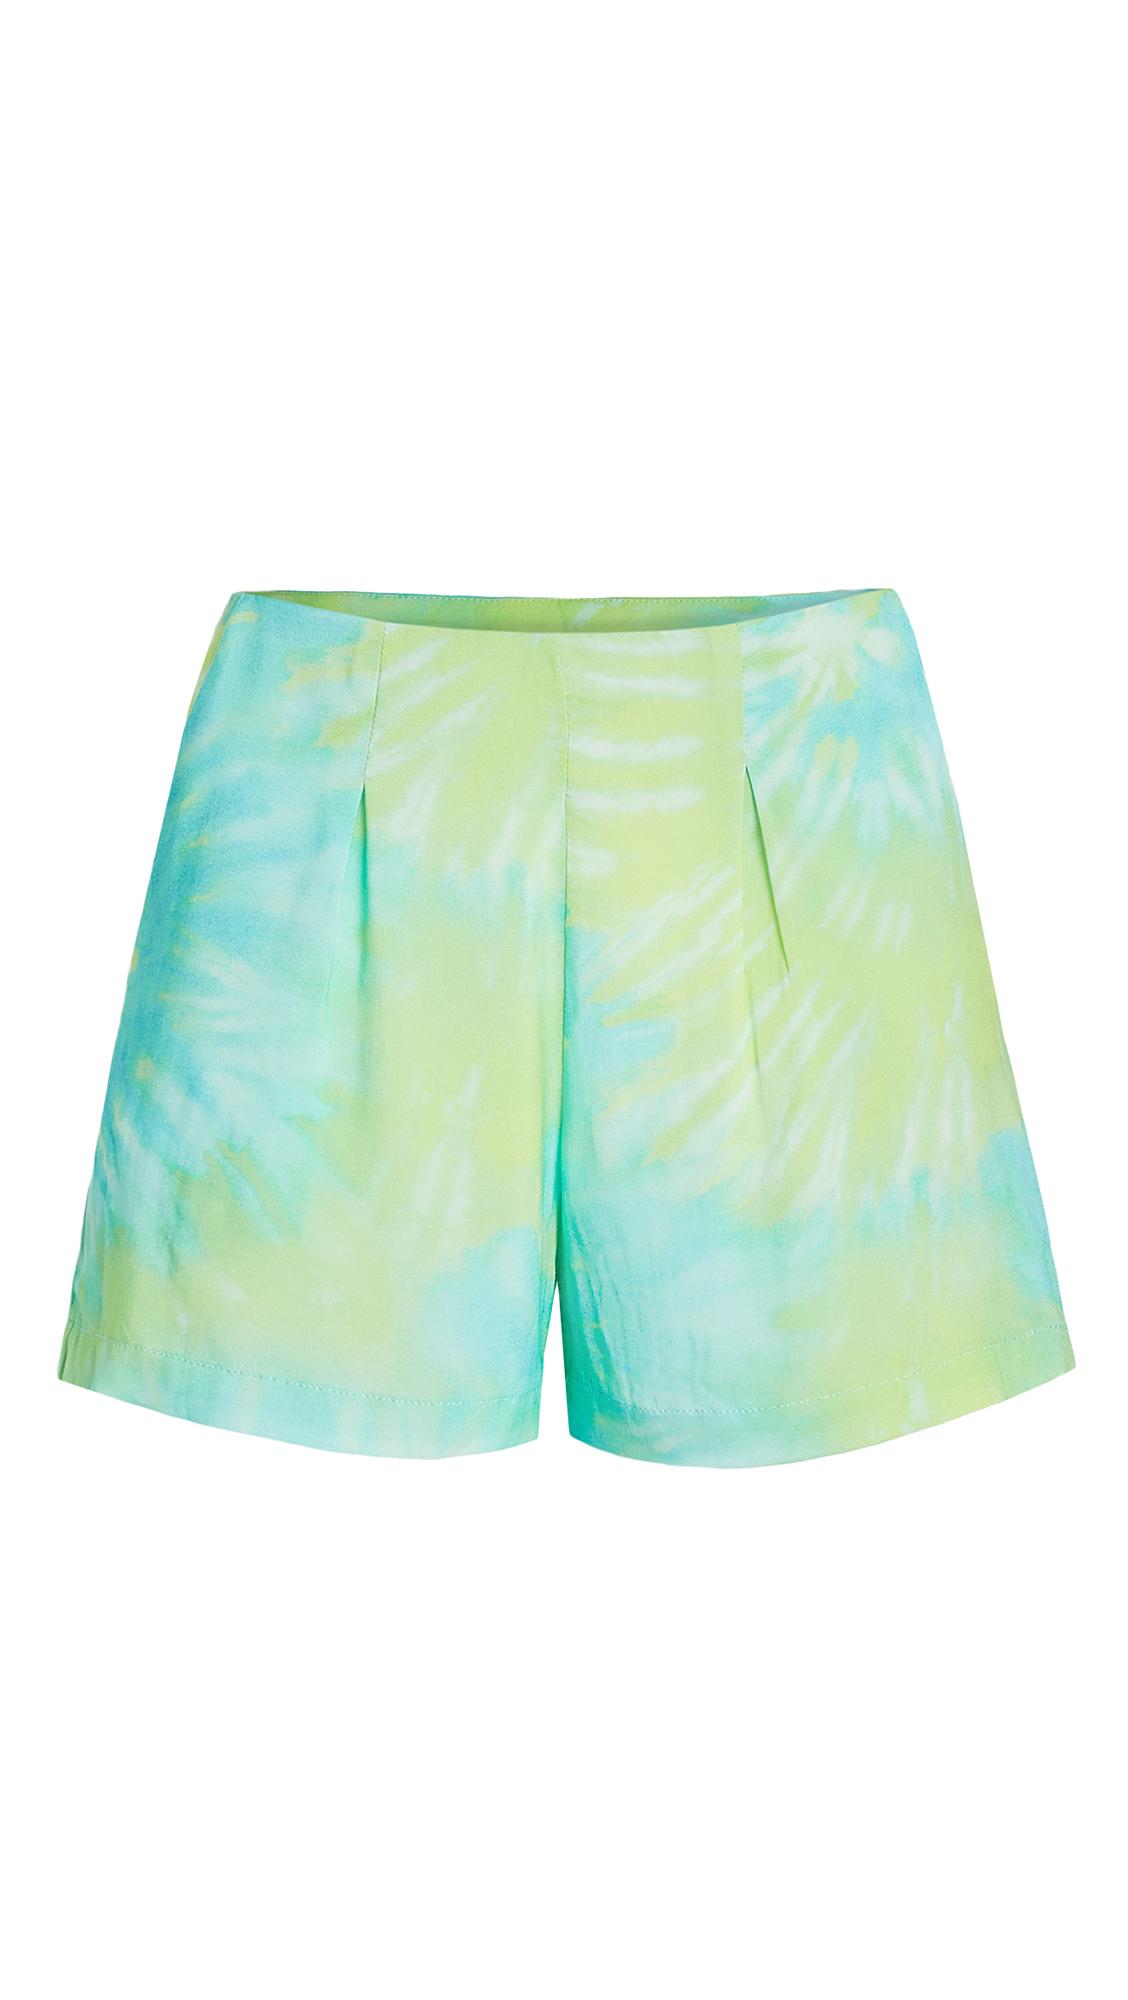 Peixoto Joni Shorts